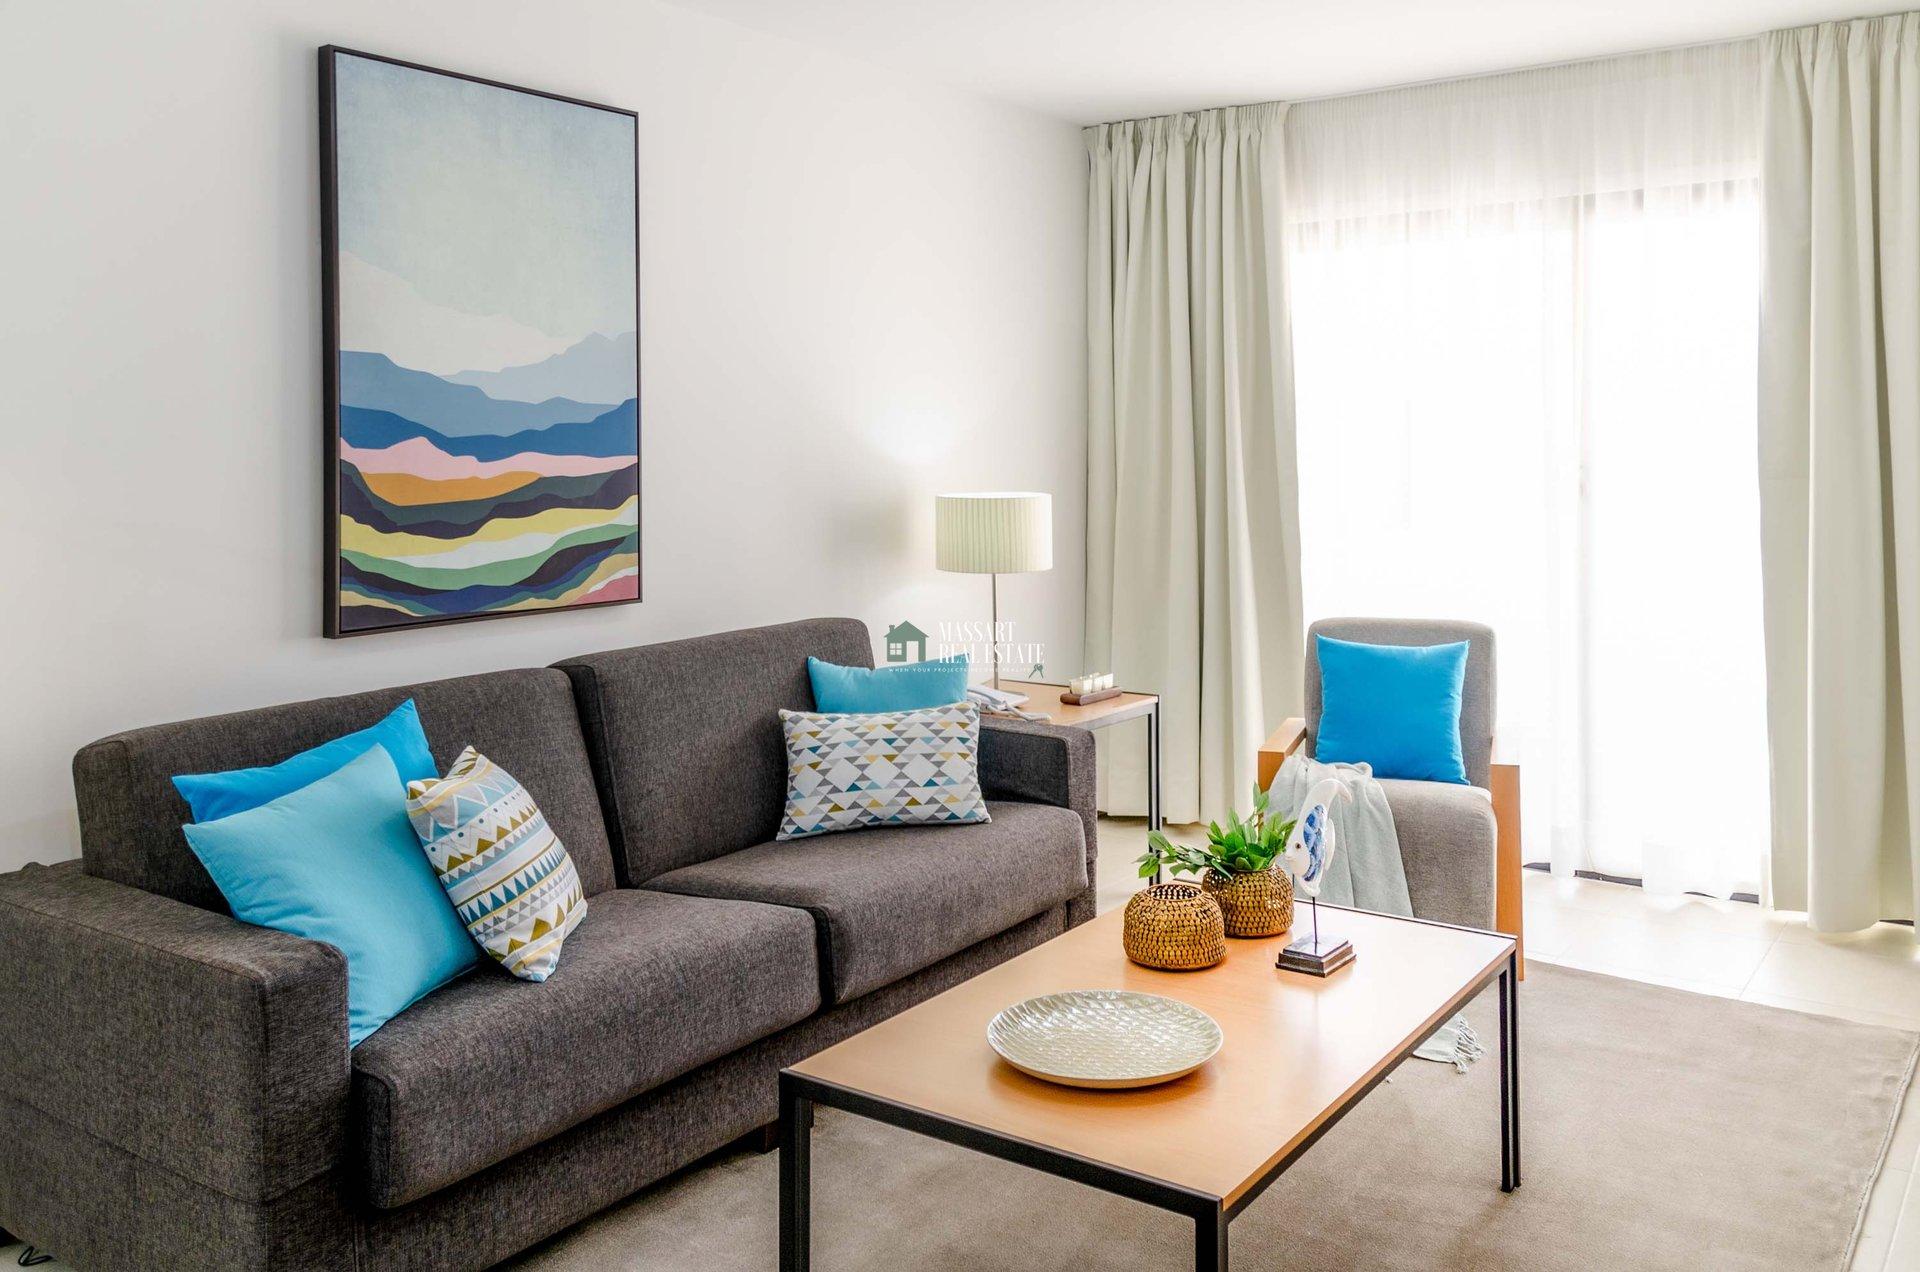 BUITENGEWONE INVESTERINGSMOGELIJKHEID! - Vakantie appartement dat u een hoge en blijvende economische rentabiliteit garandeert.